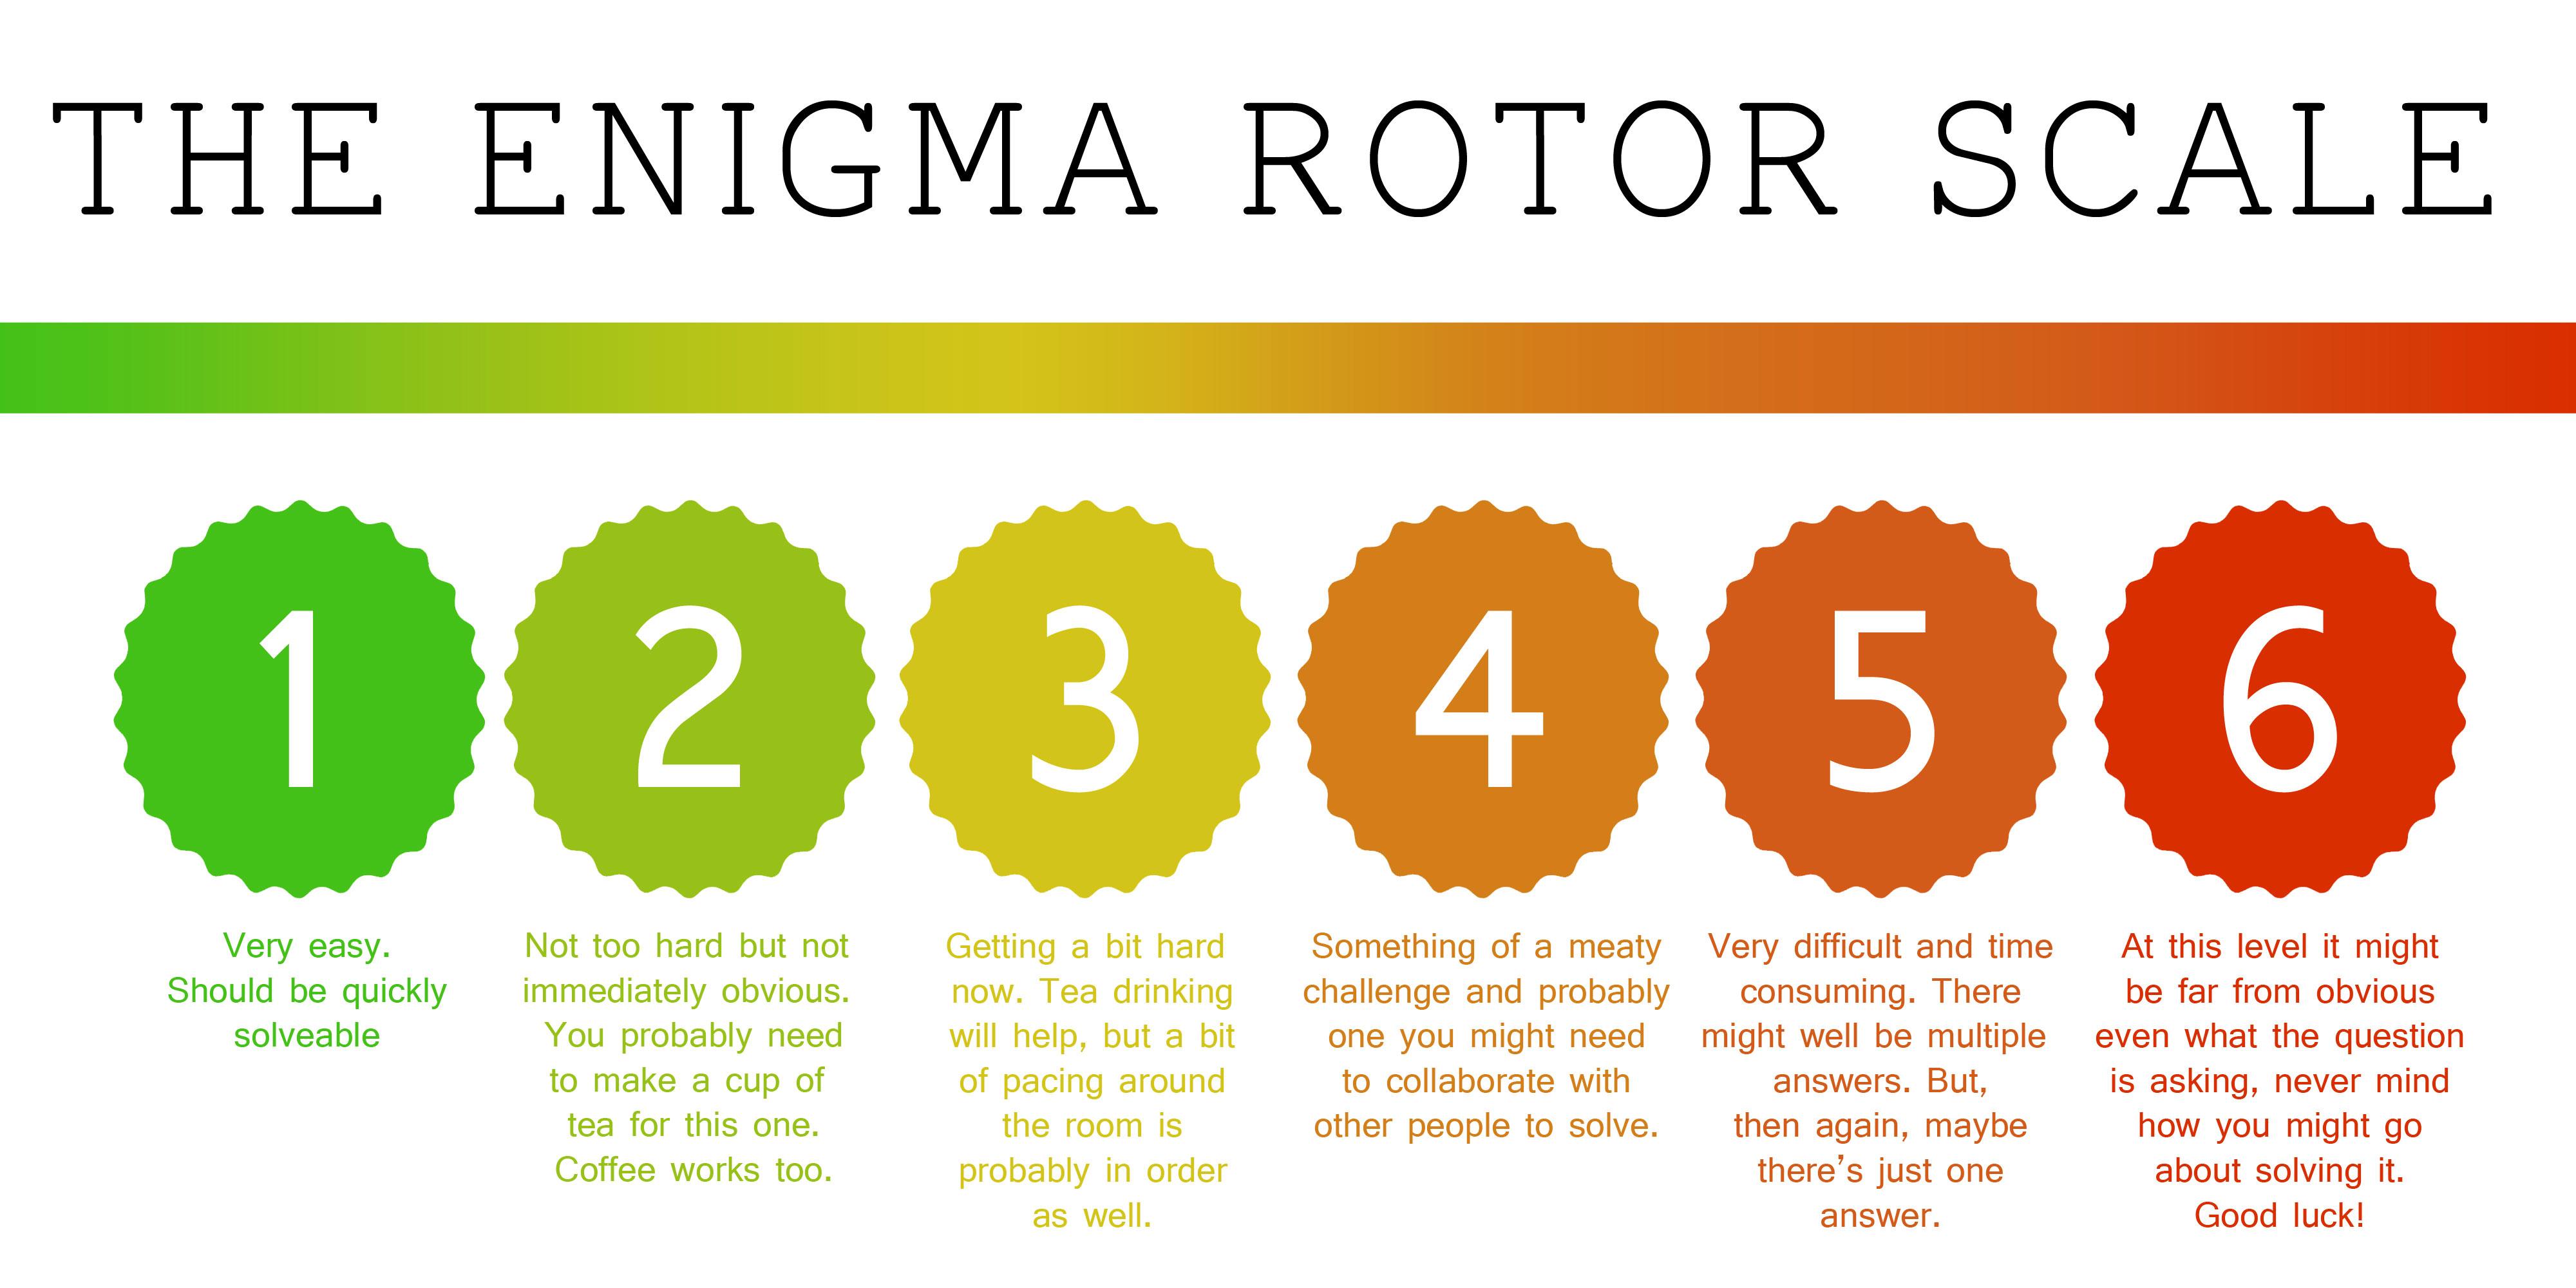 The Enigma Rotor Scale - GCHQ